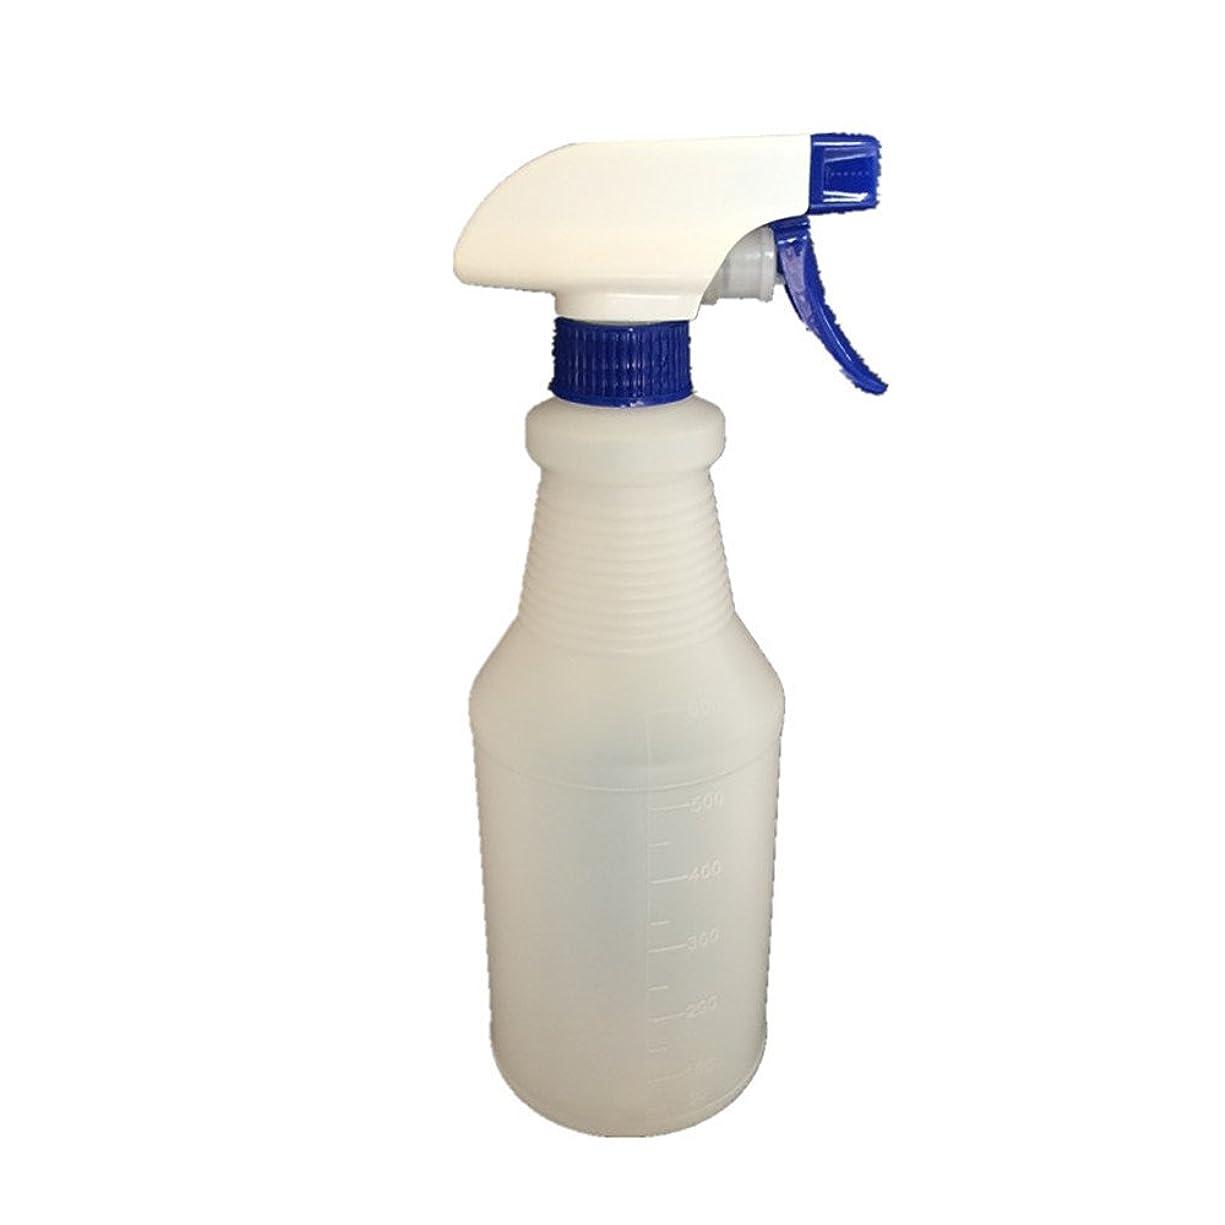 余分な大使潮スプレー?ボトル Officeの庭の水まき用CANガーデン用品家庭用プラスチックじょうろ 掃除対応 園芸 屋外庭園 ガーデニング